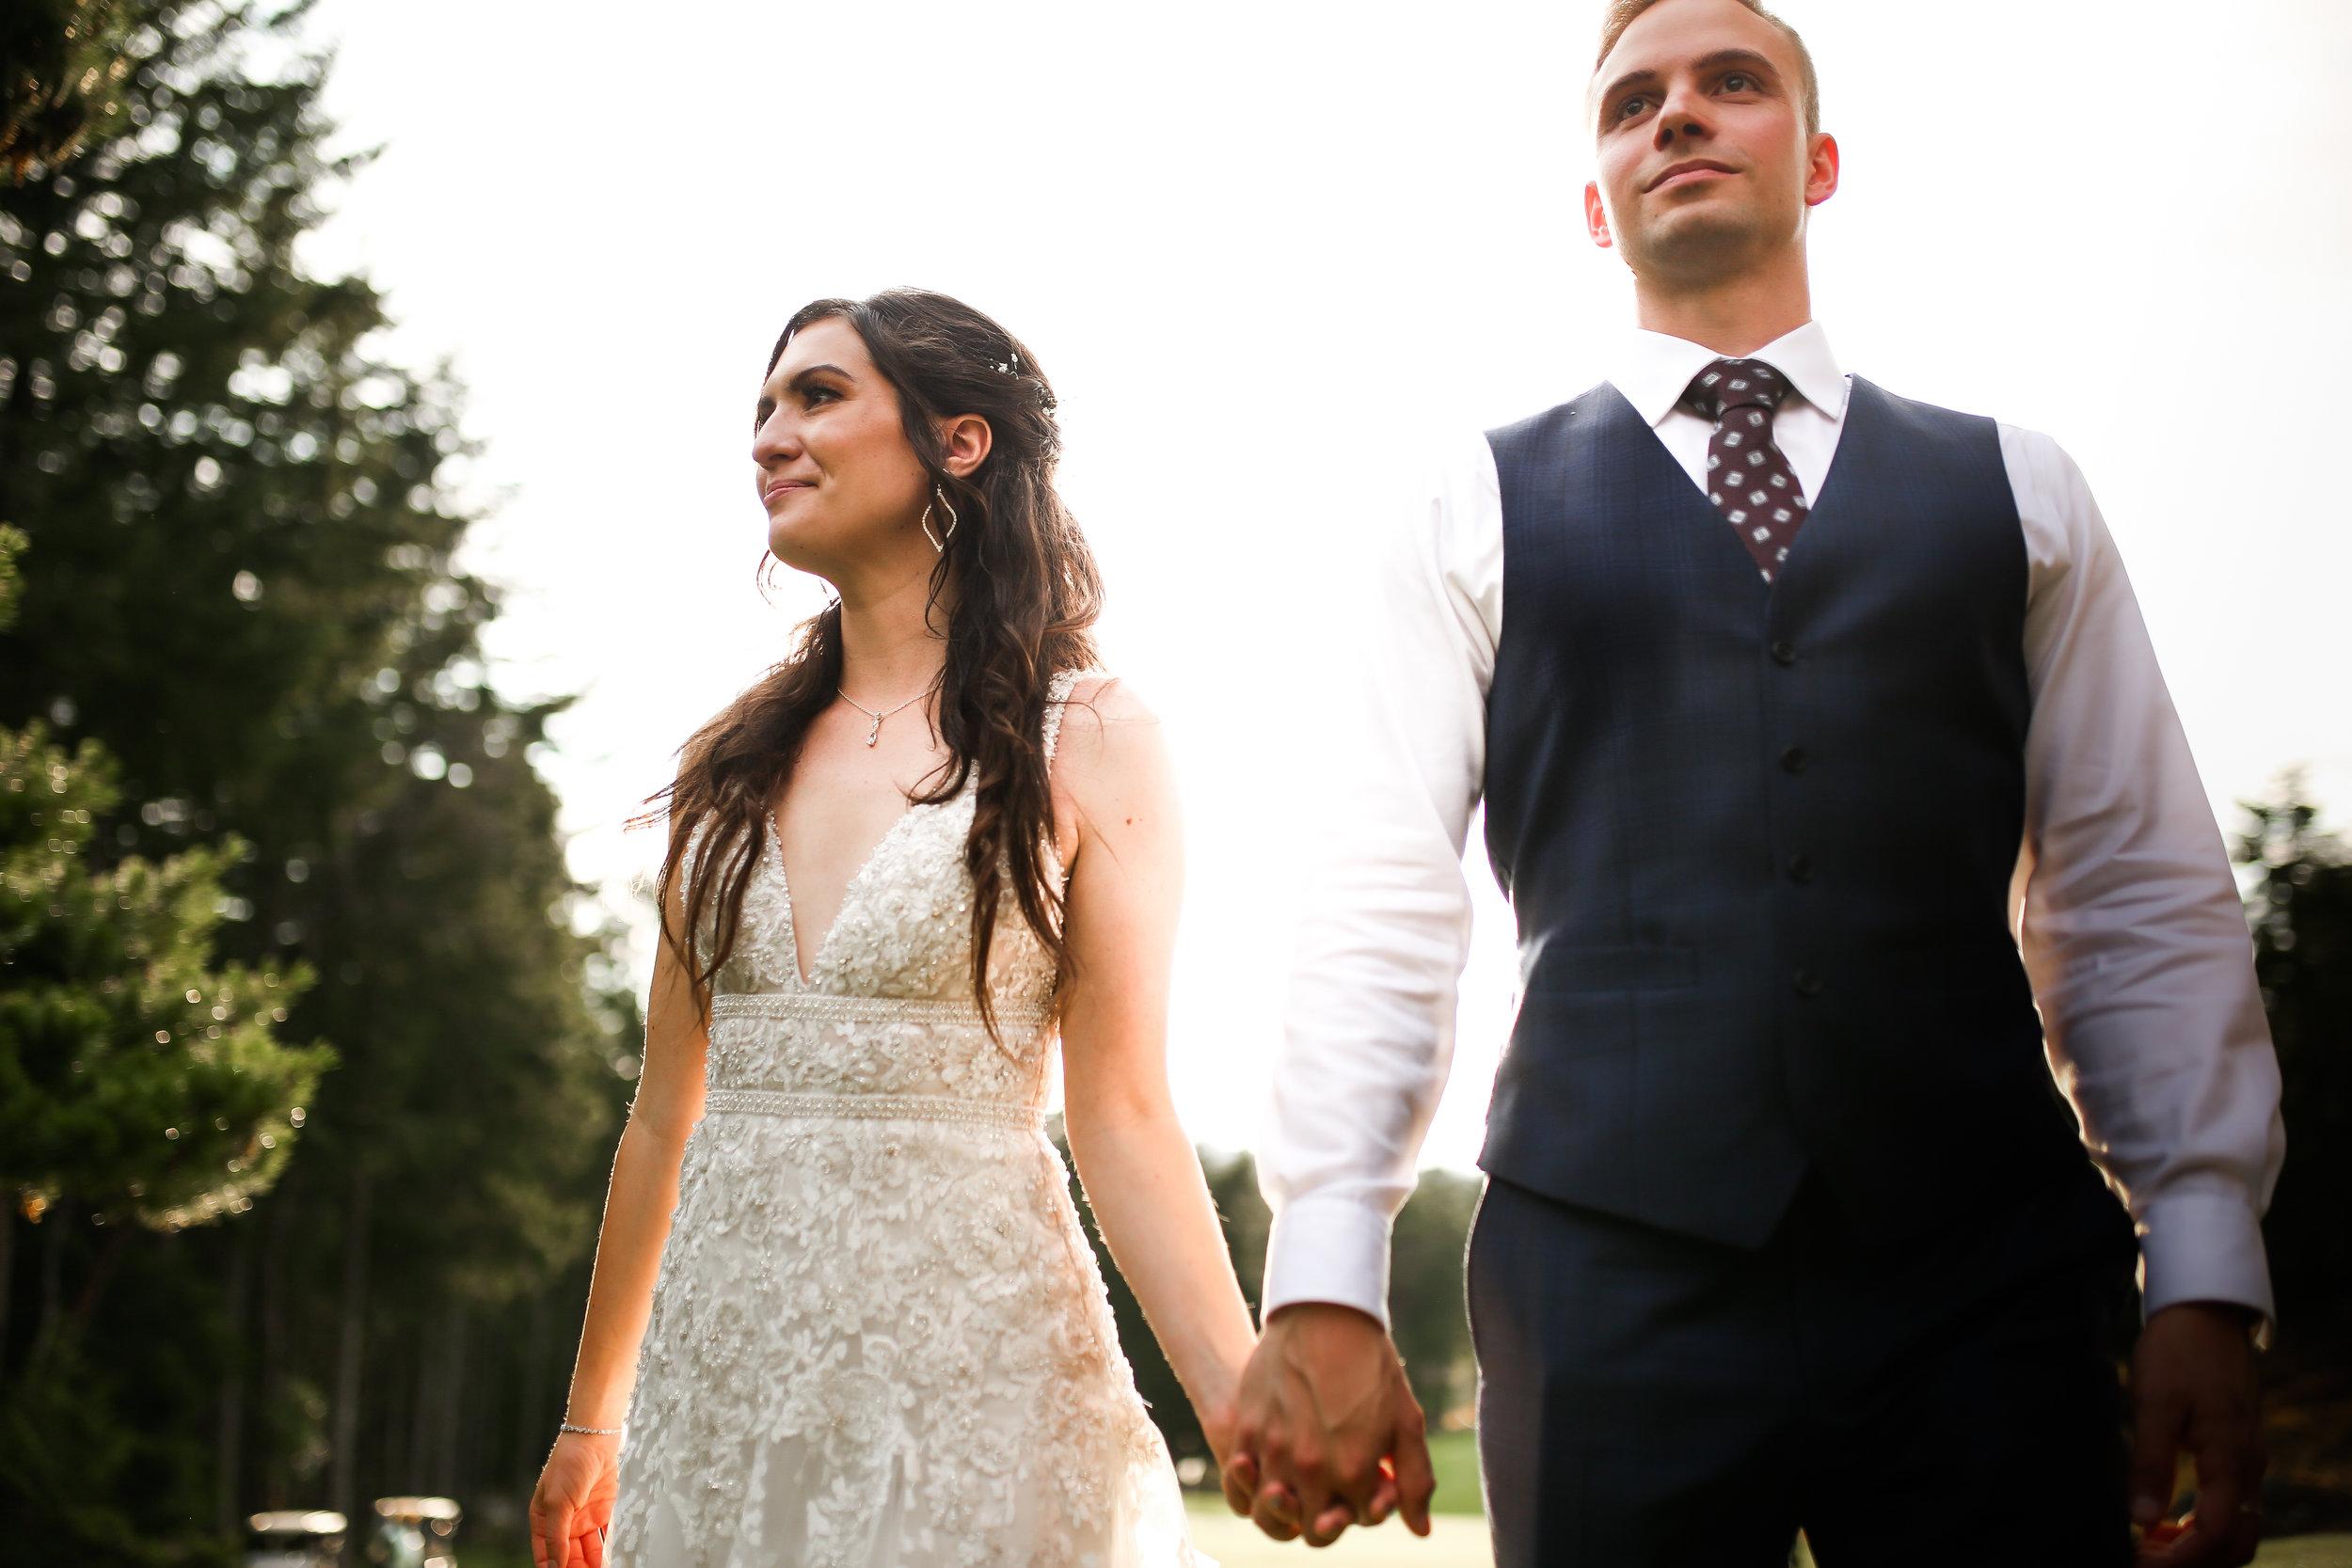 19 Adam Ziorio Photography - Allison & Austin's Wedding.jpg